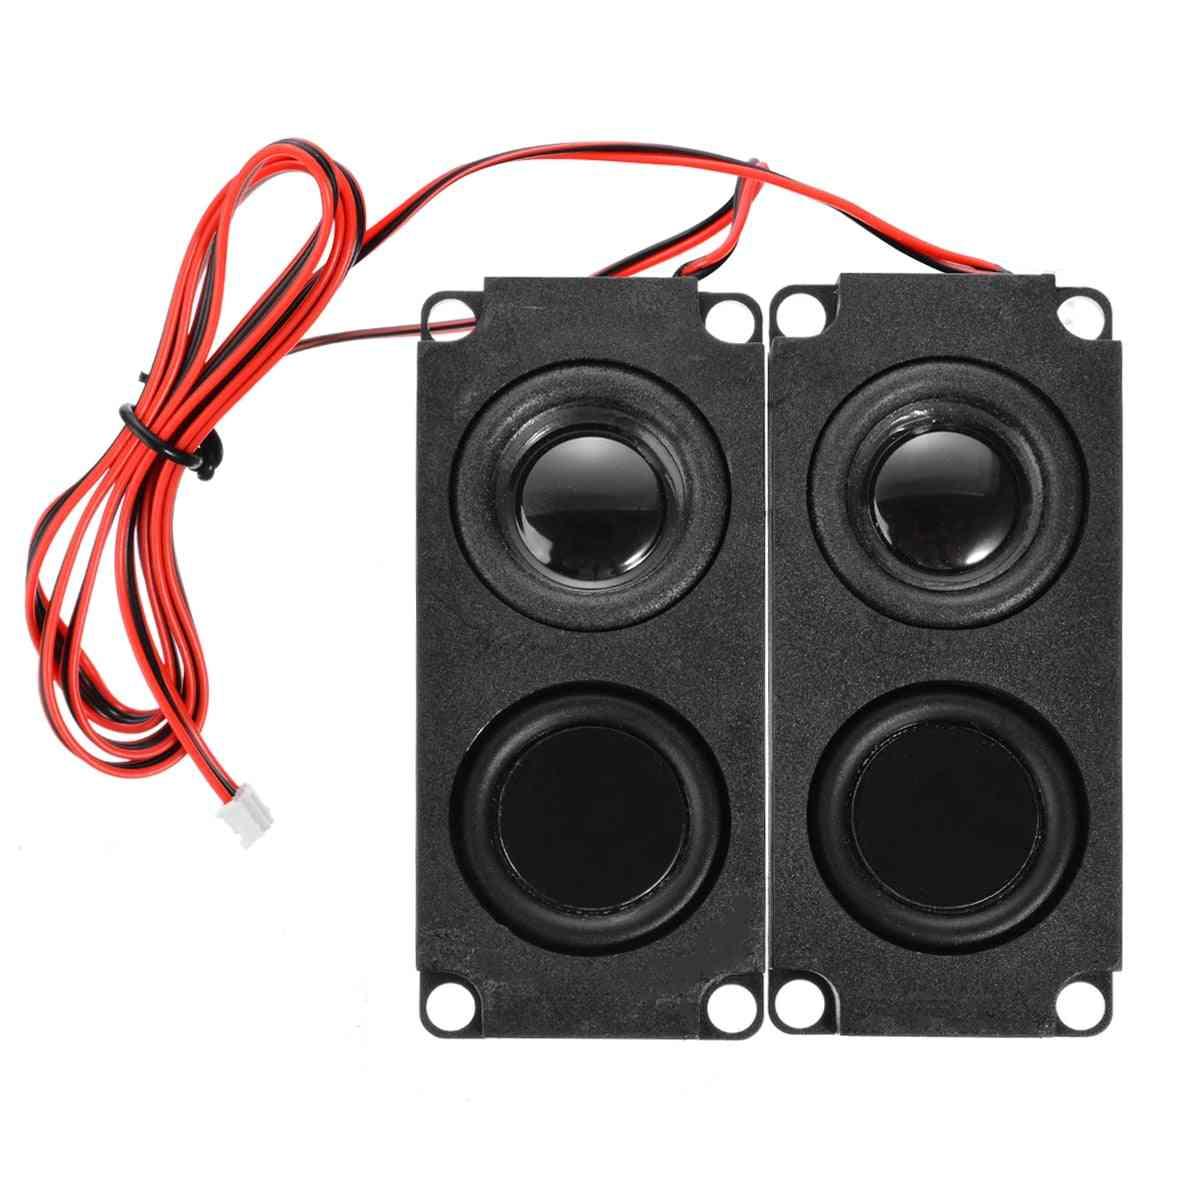 Audio Sound Box Loudspeaker, Stereo Subwoofer For Lcd Tv